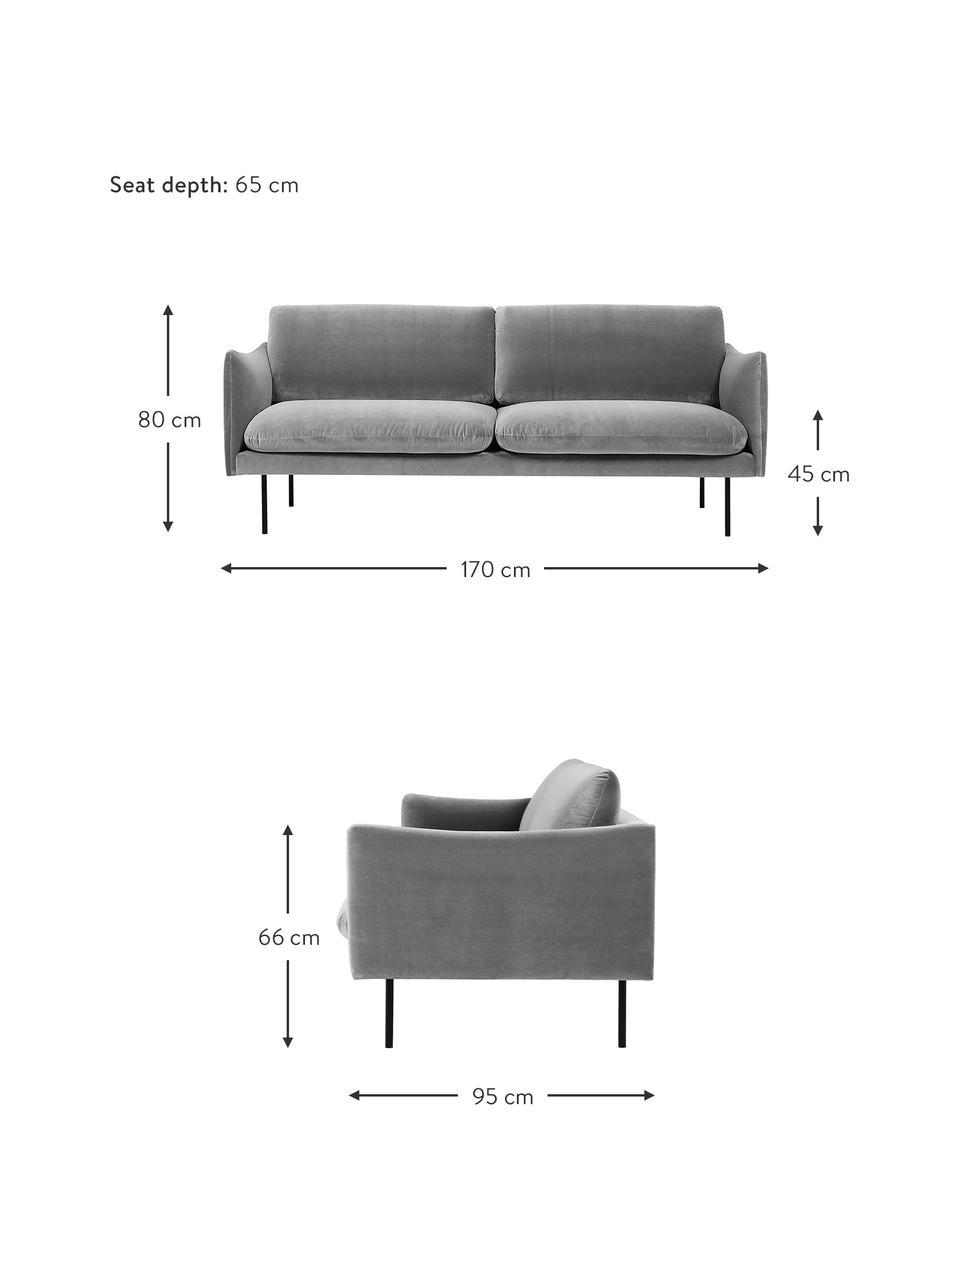 Divano 2 posti in velluto grigio Moby, Rivestimento: velluto (rivestimento in , Struttura: legno di pino massiccio, Velluto grigio, Larg. 170 x Prof. 95 cm